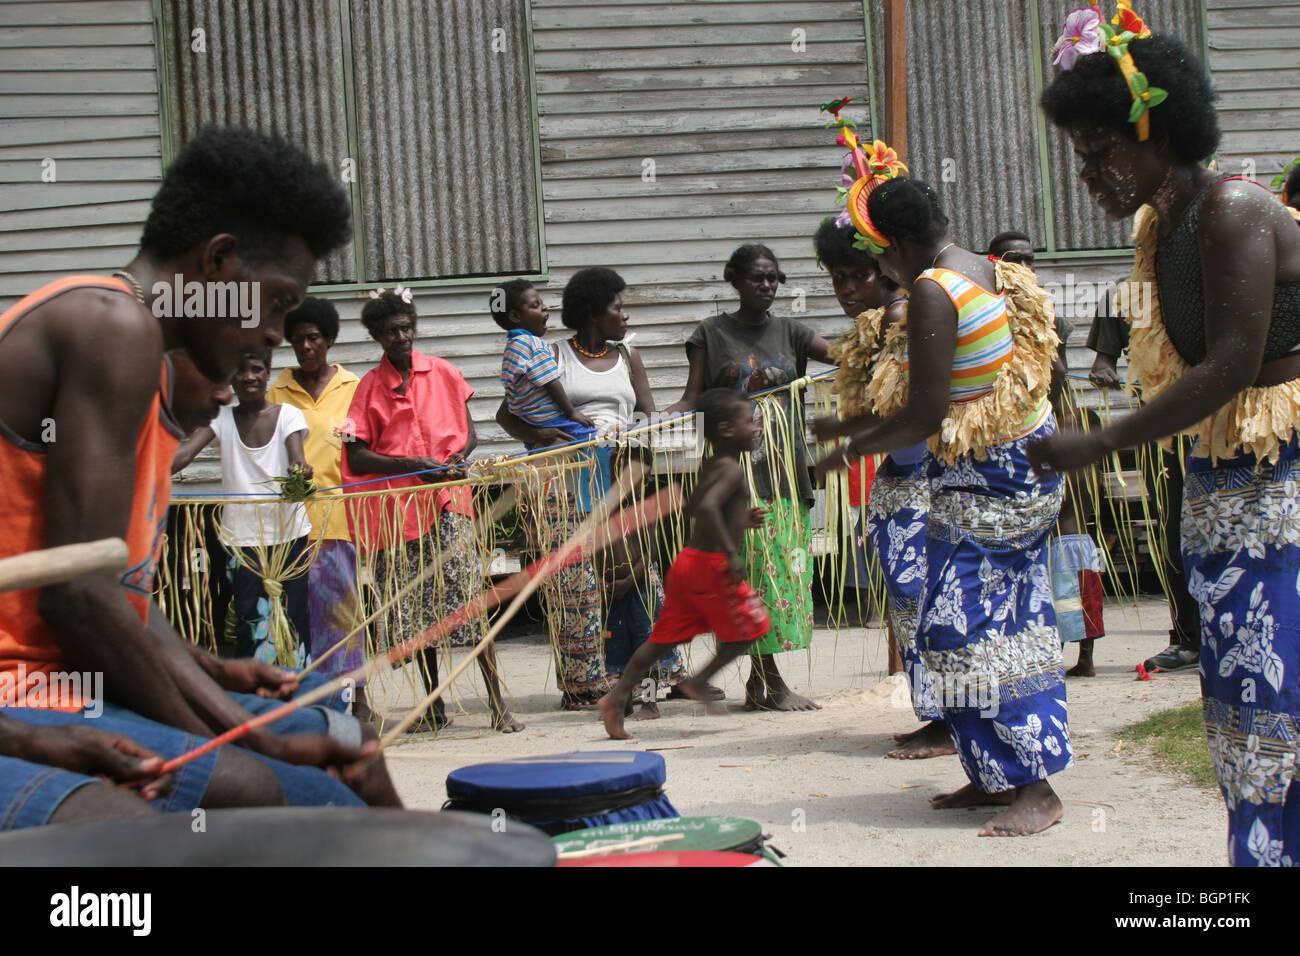 Cierre 'escuela' fiestas y la vida en la isla, han Carterets atolón, Papua Nueva Guinea, el lunes, Imagen De Stock